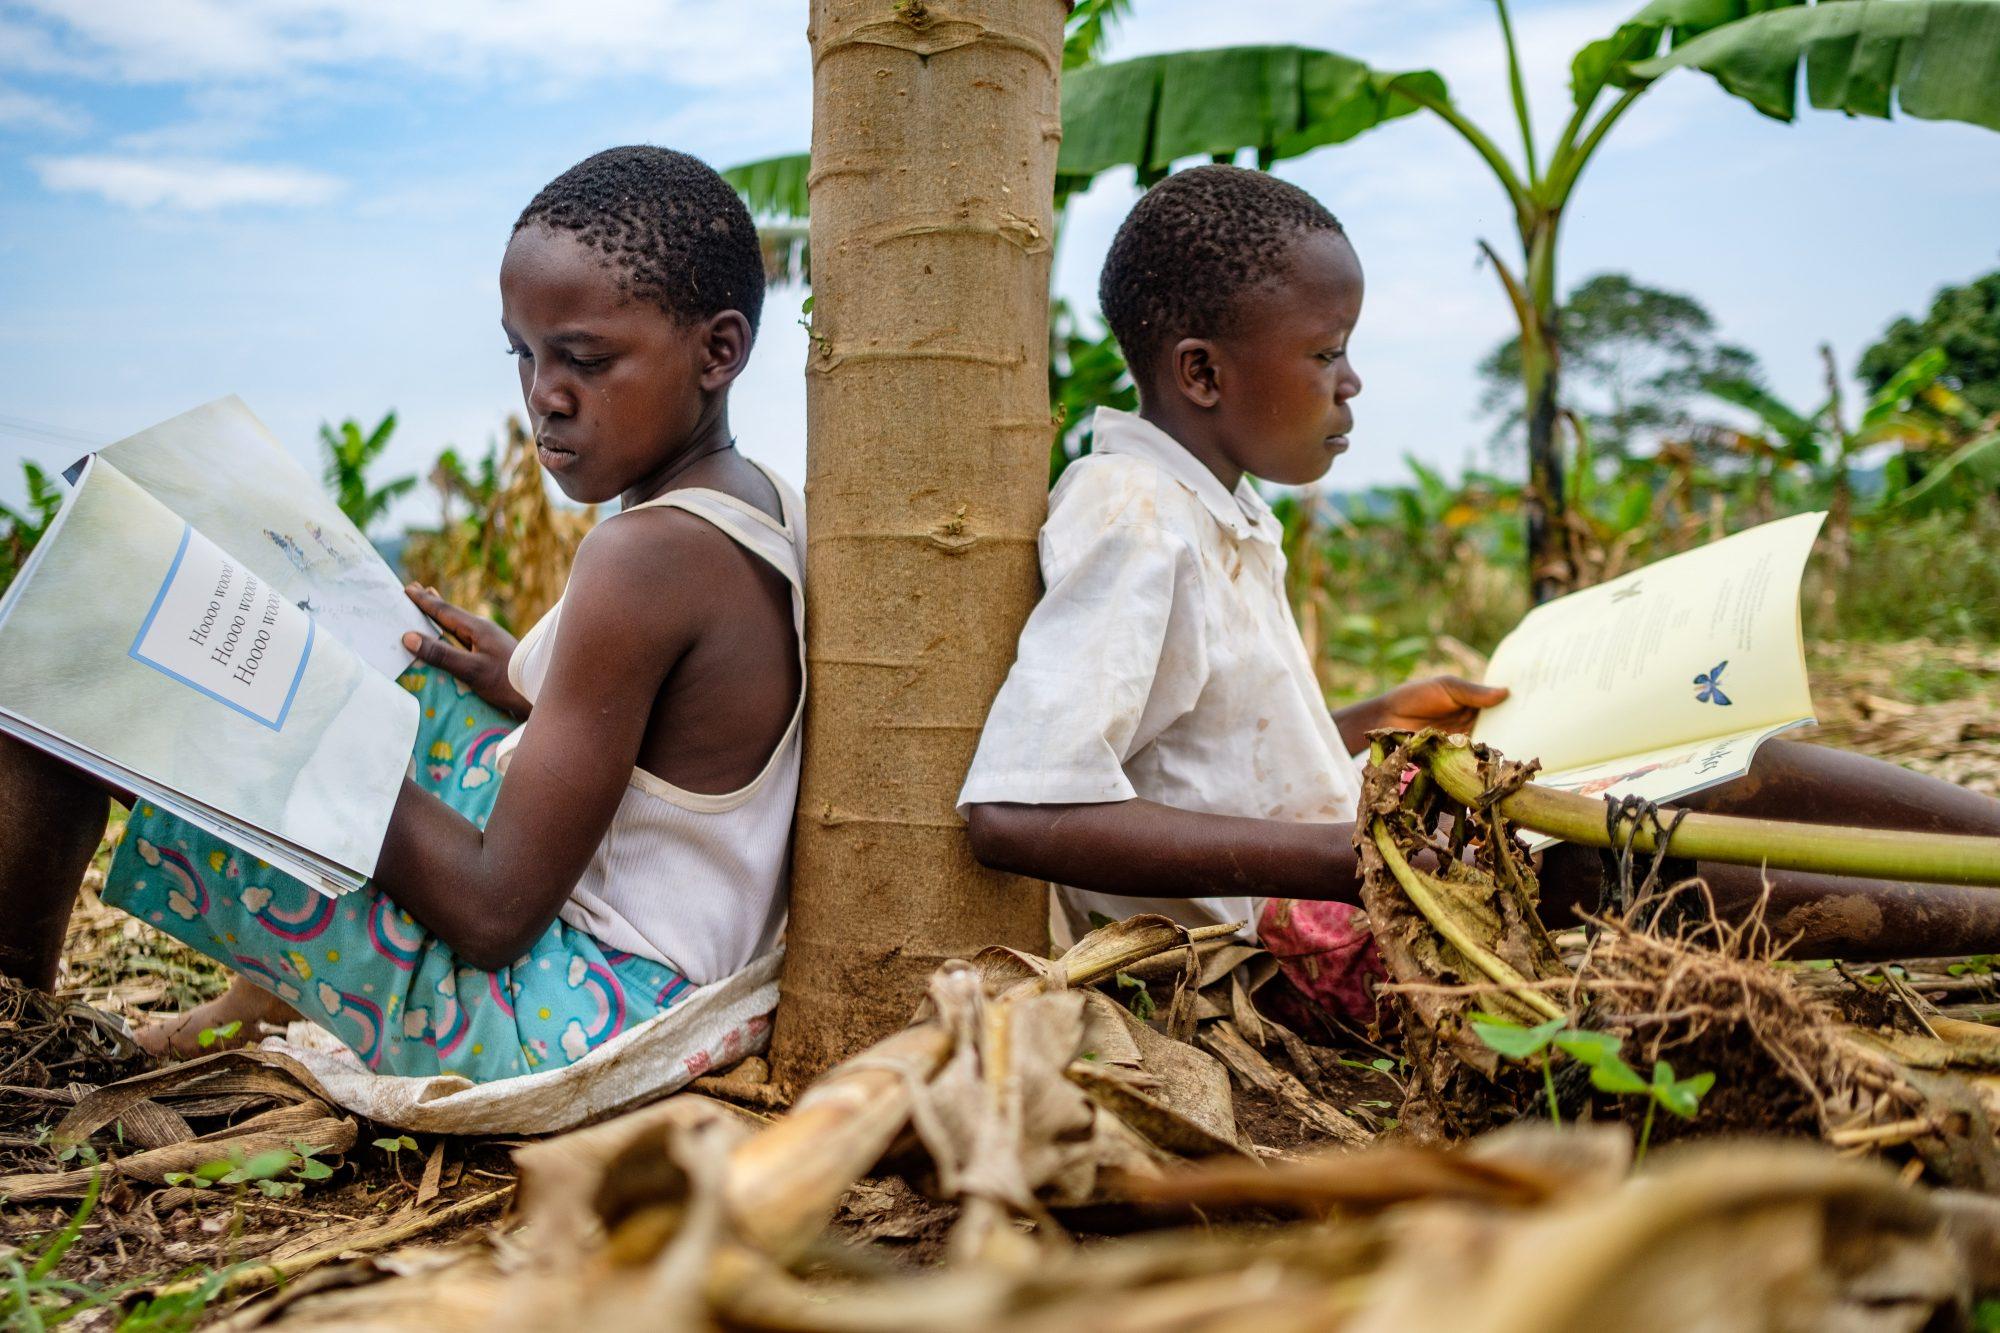 Pupils from Mustardseed School, Sentema Uganda sitting under tree